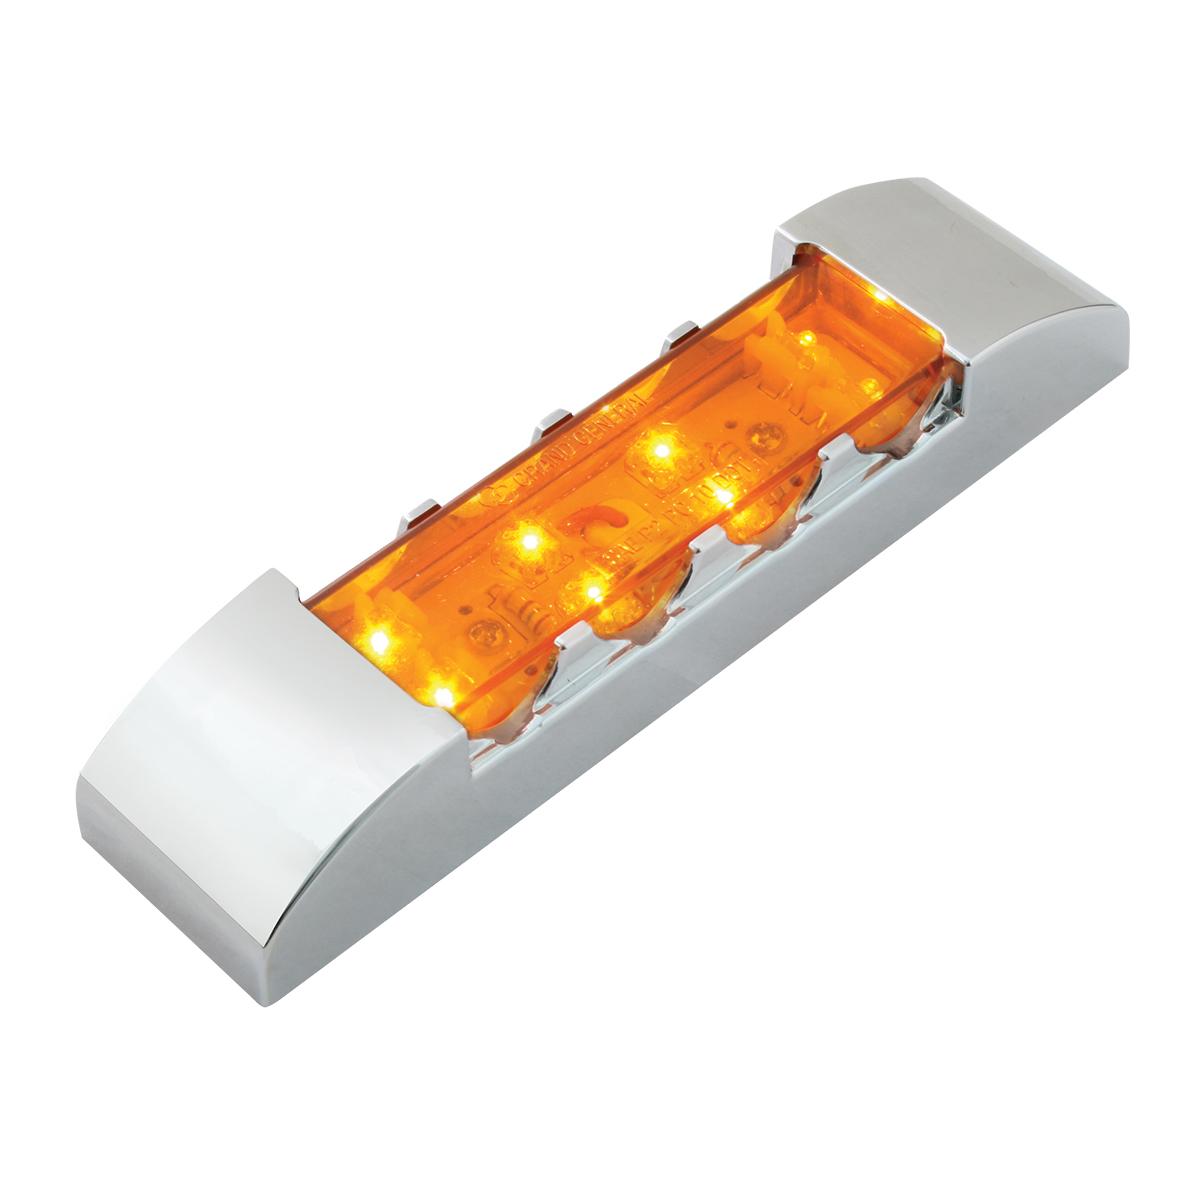 76180 Rectangular Wide Angle LED Light w/ Chrome Plastic Bezel